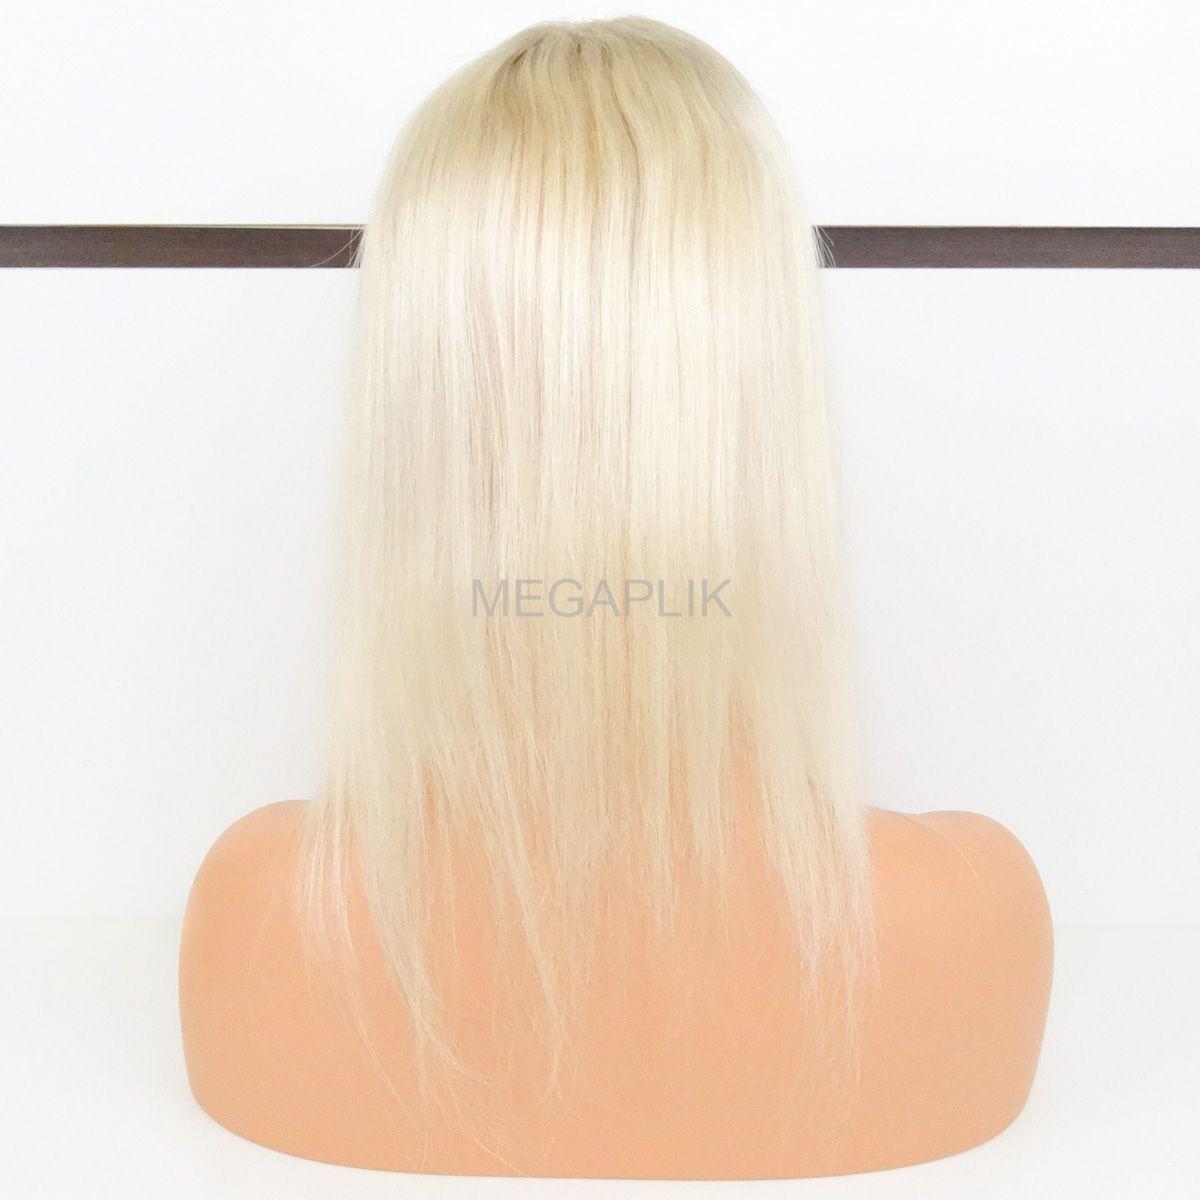 Top Closure Triangular - Aplique de Cabelo Humano para Topo de Cabeça - 50cm